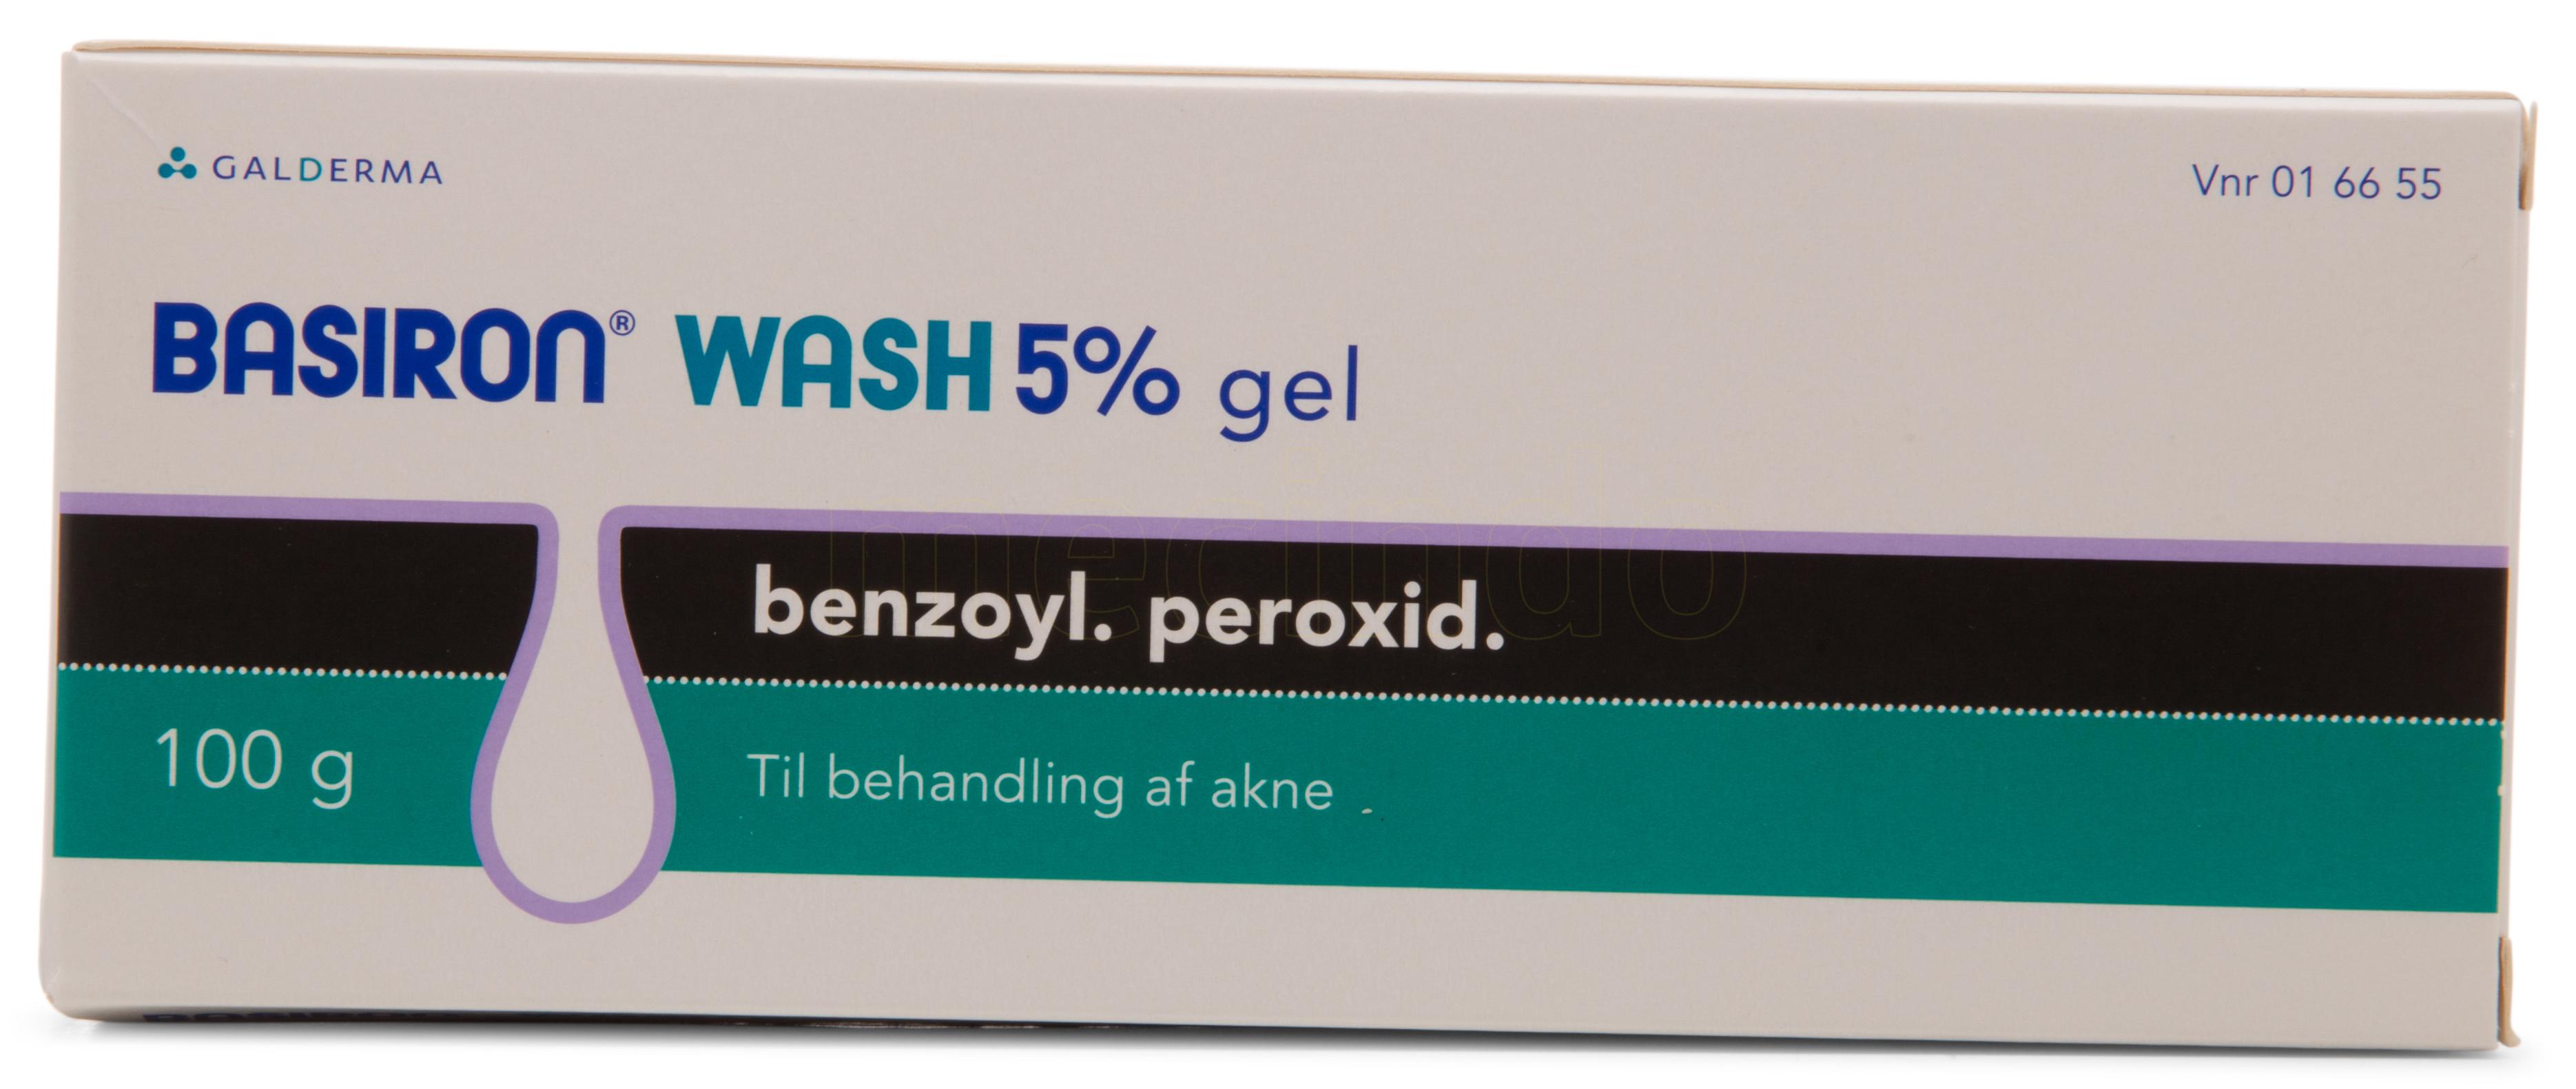 Image of Basiron Wash Gel - 5 % - 100 Gram